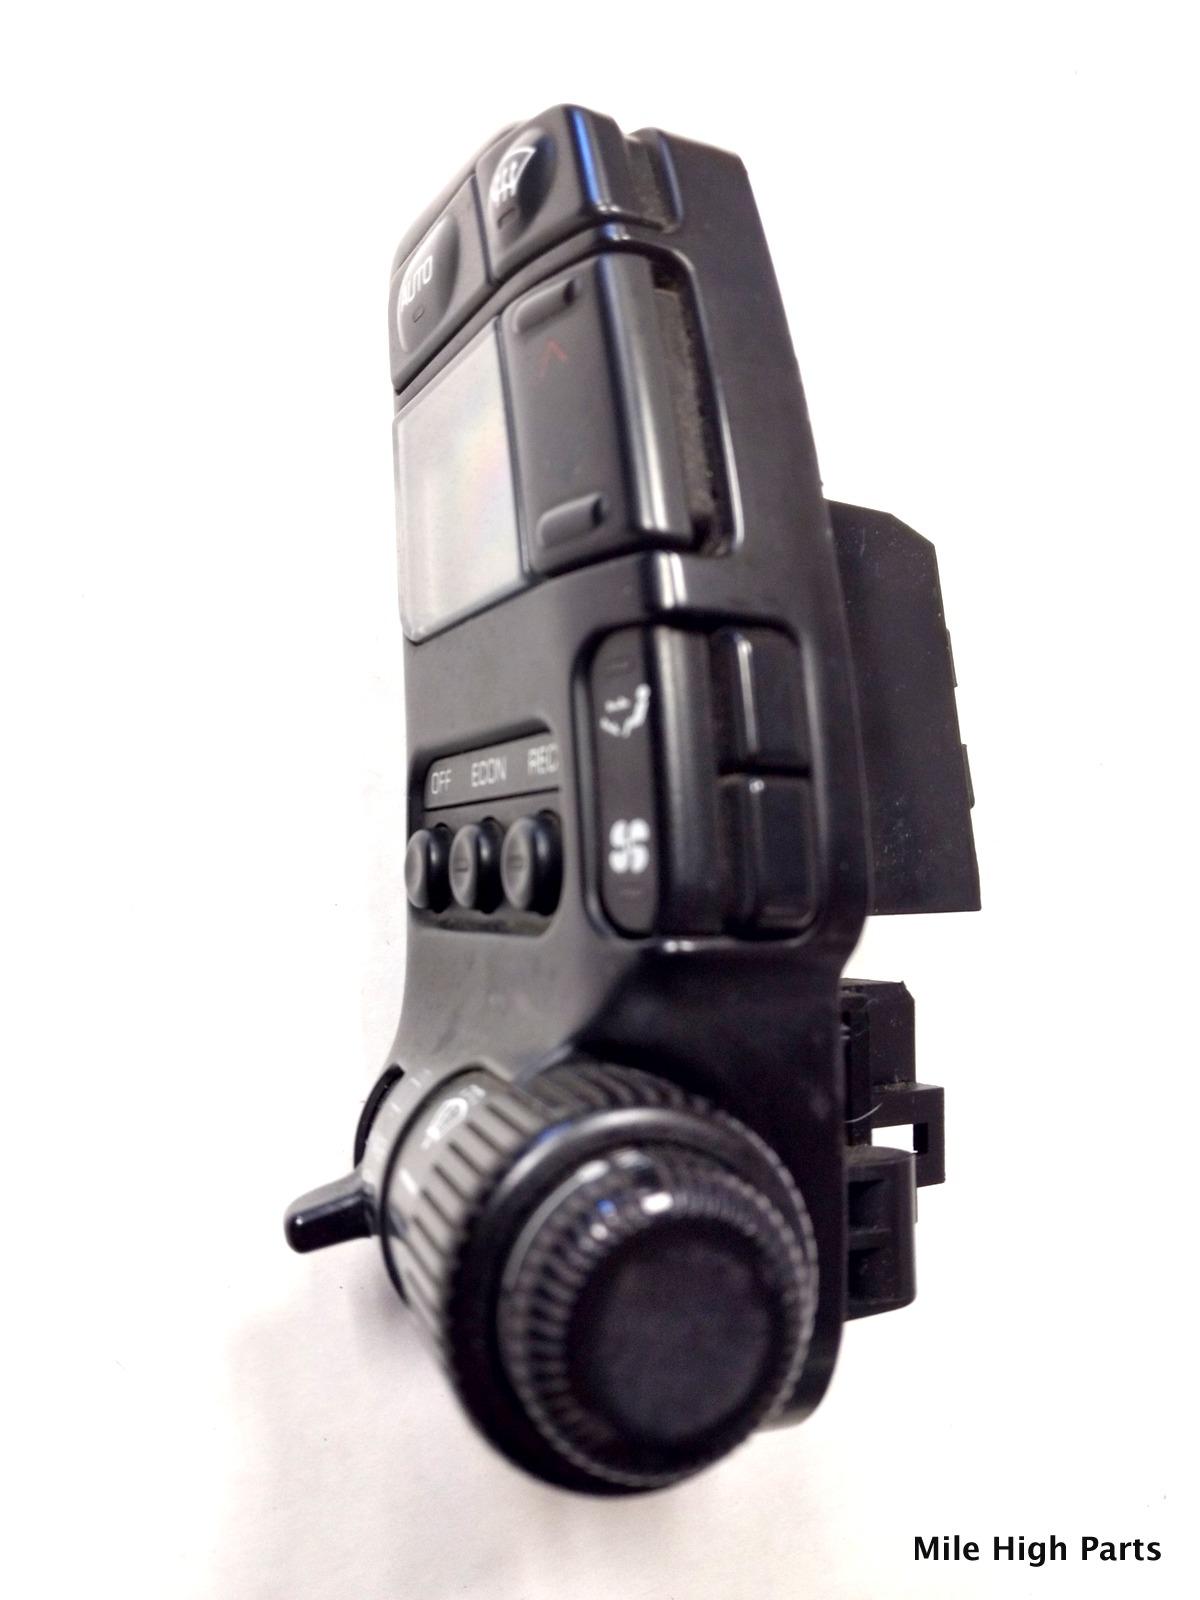 300zx manual ecu in automatic